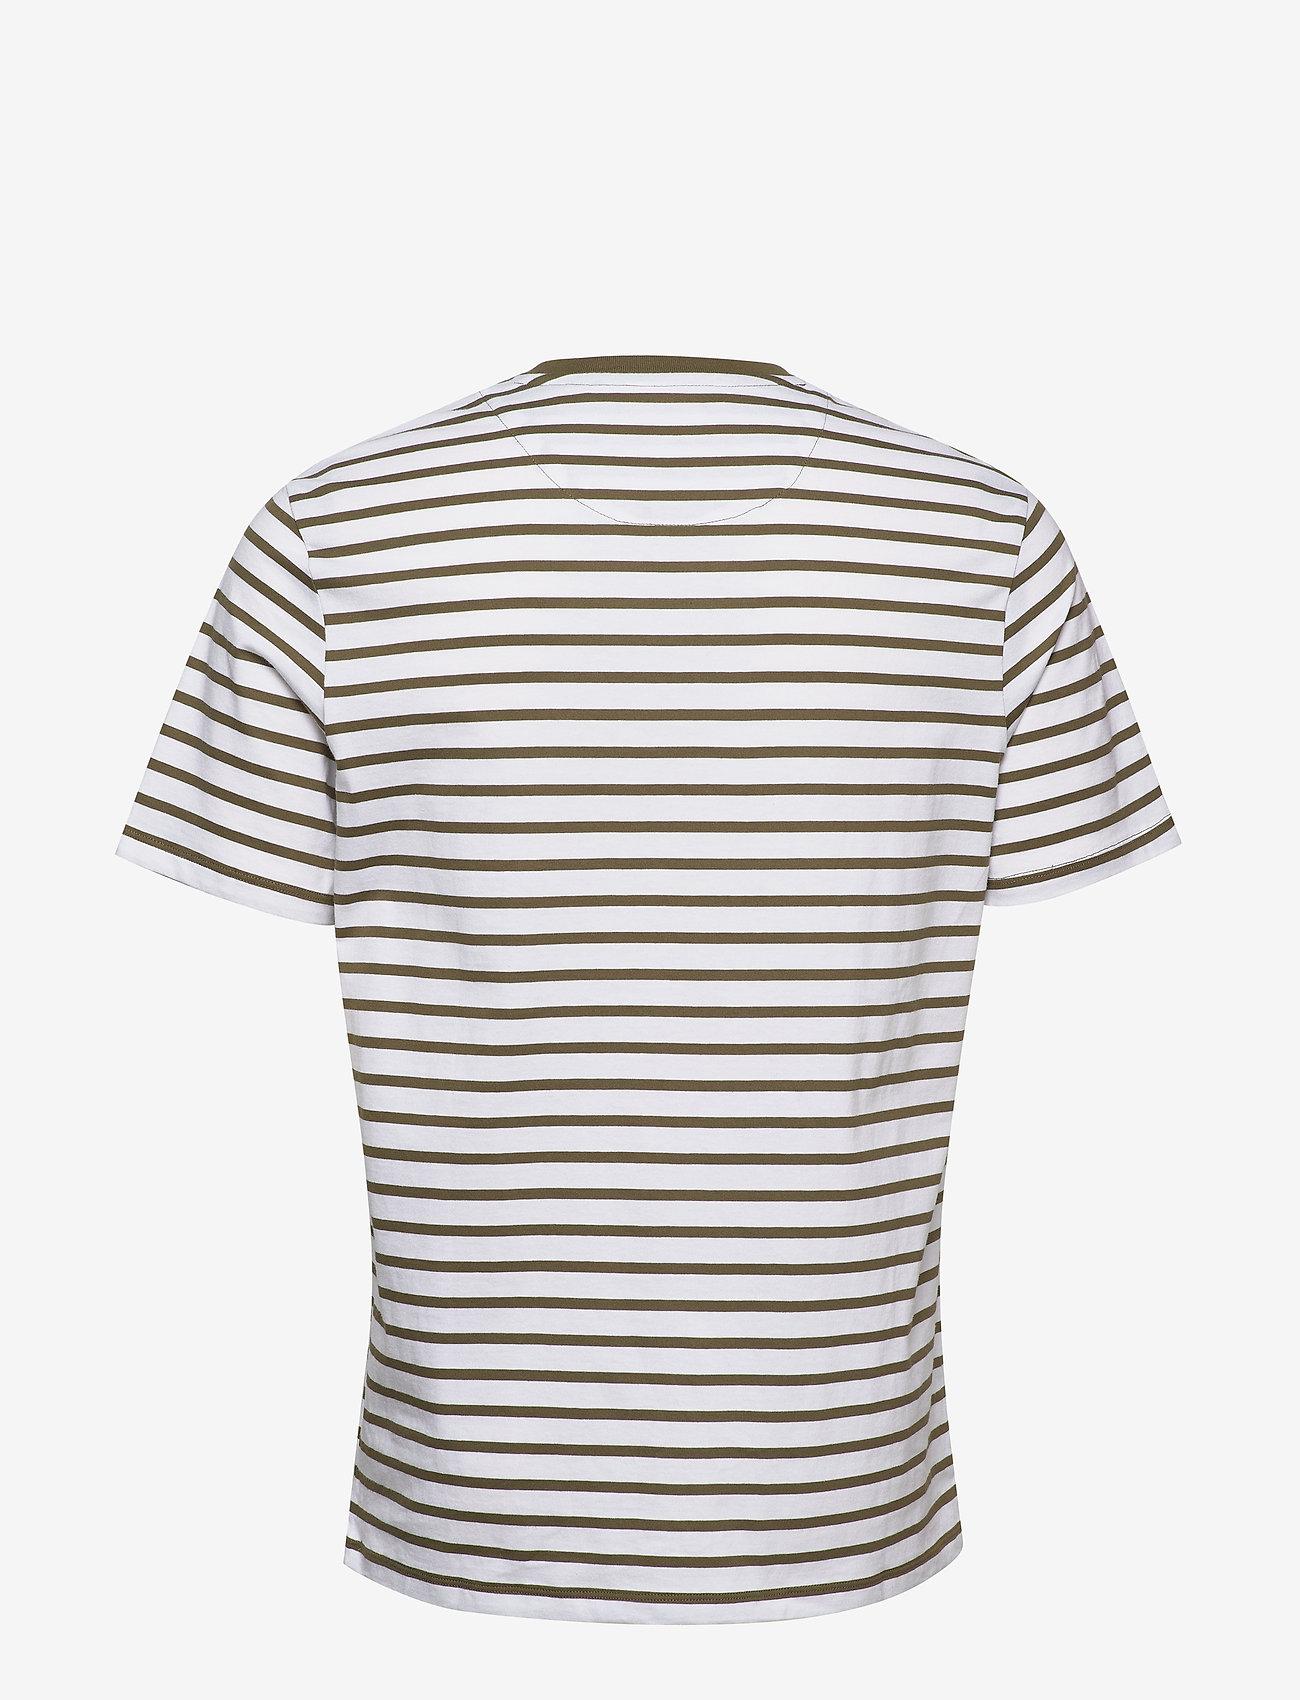 Lyle & Scott Breton Stripe T-shirt - T-shirts Lichen Green/ White